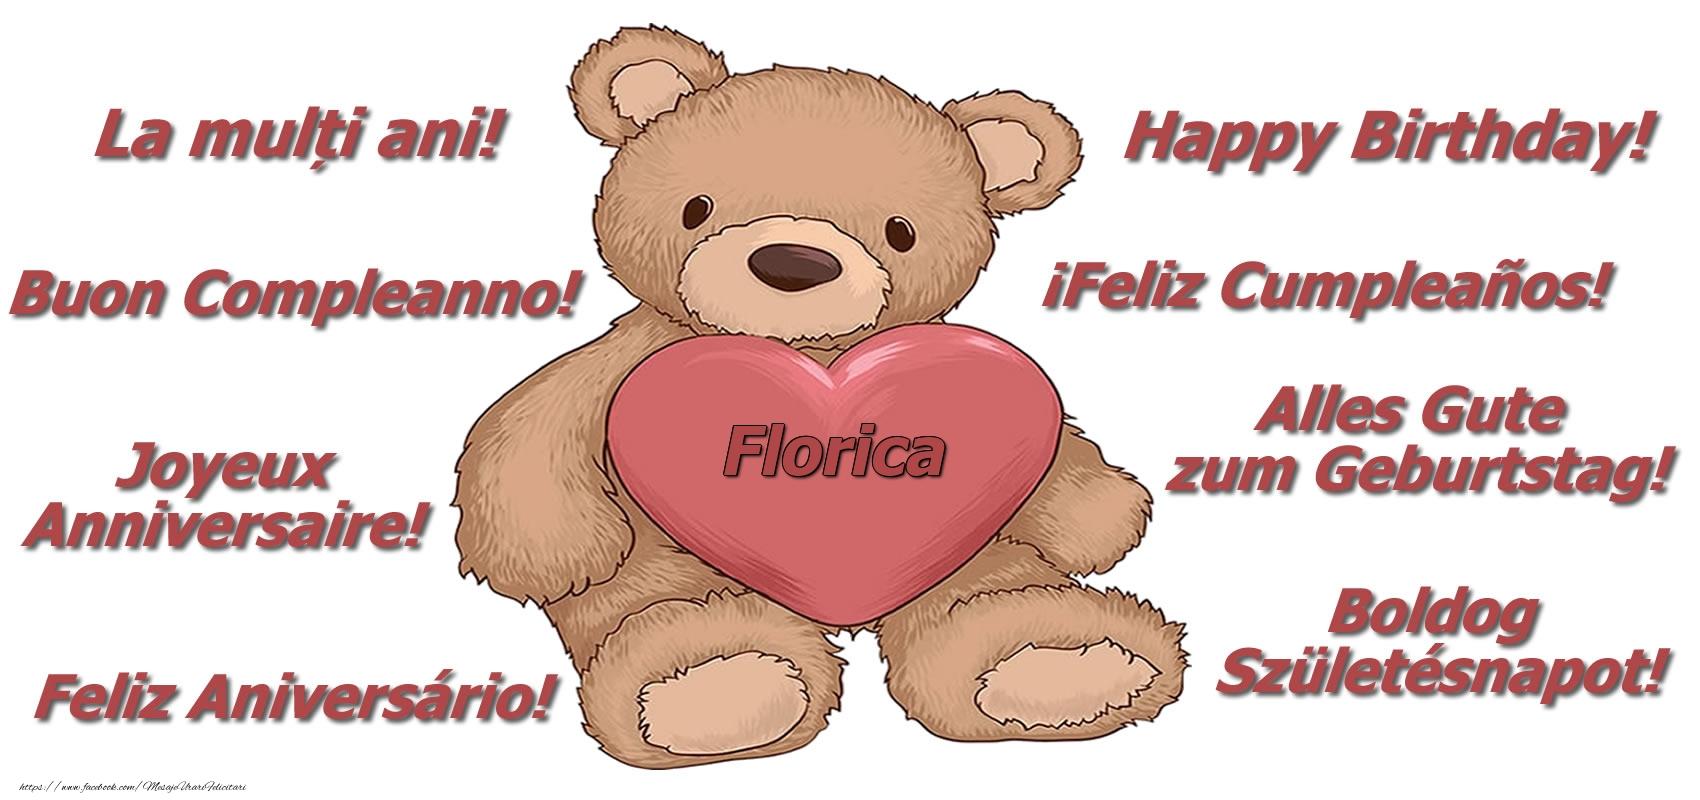 Felicitari de zi de nastere - La multi ani Florica! - Ursulet